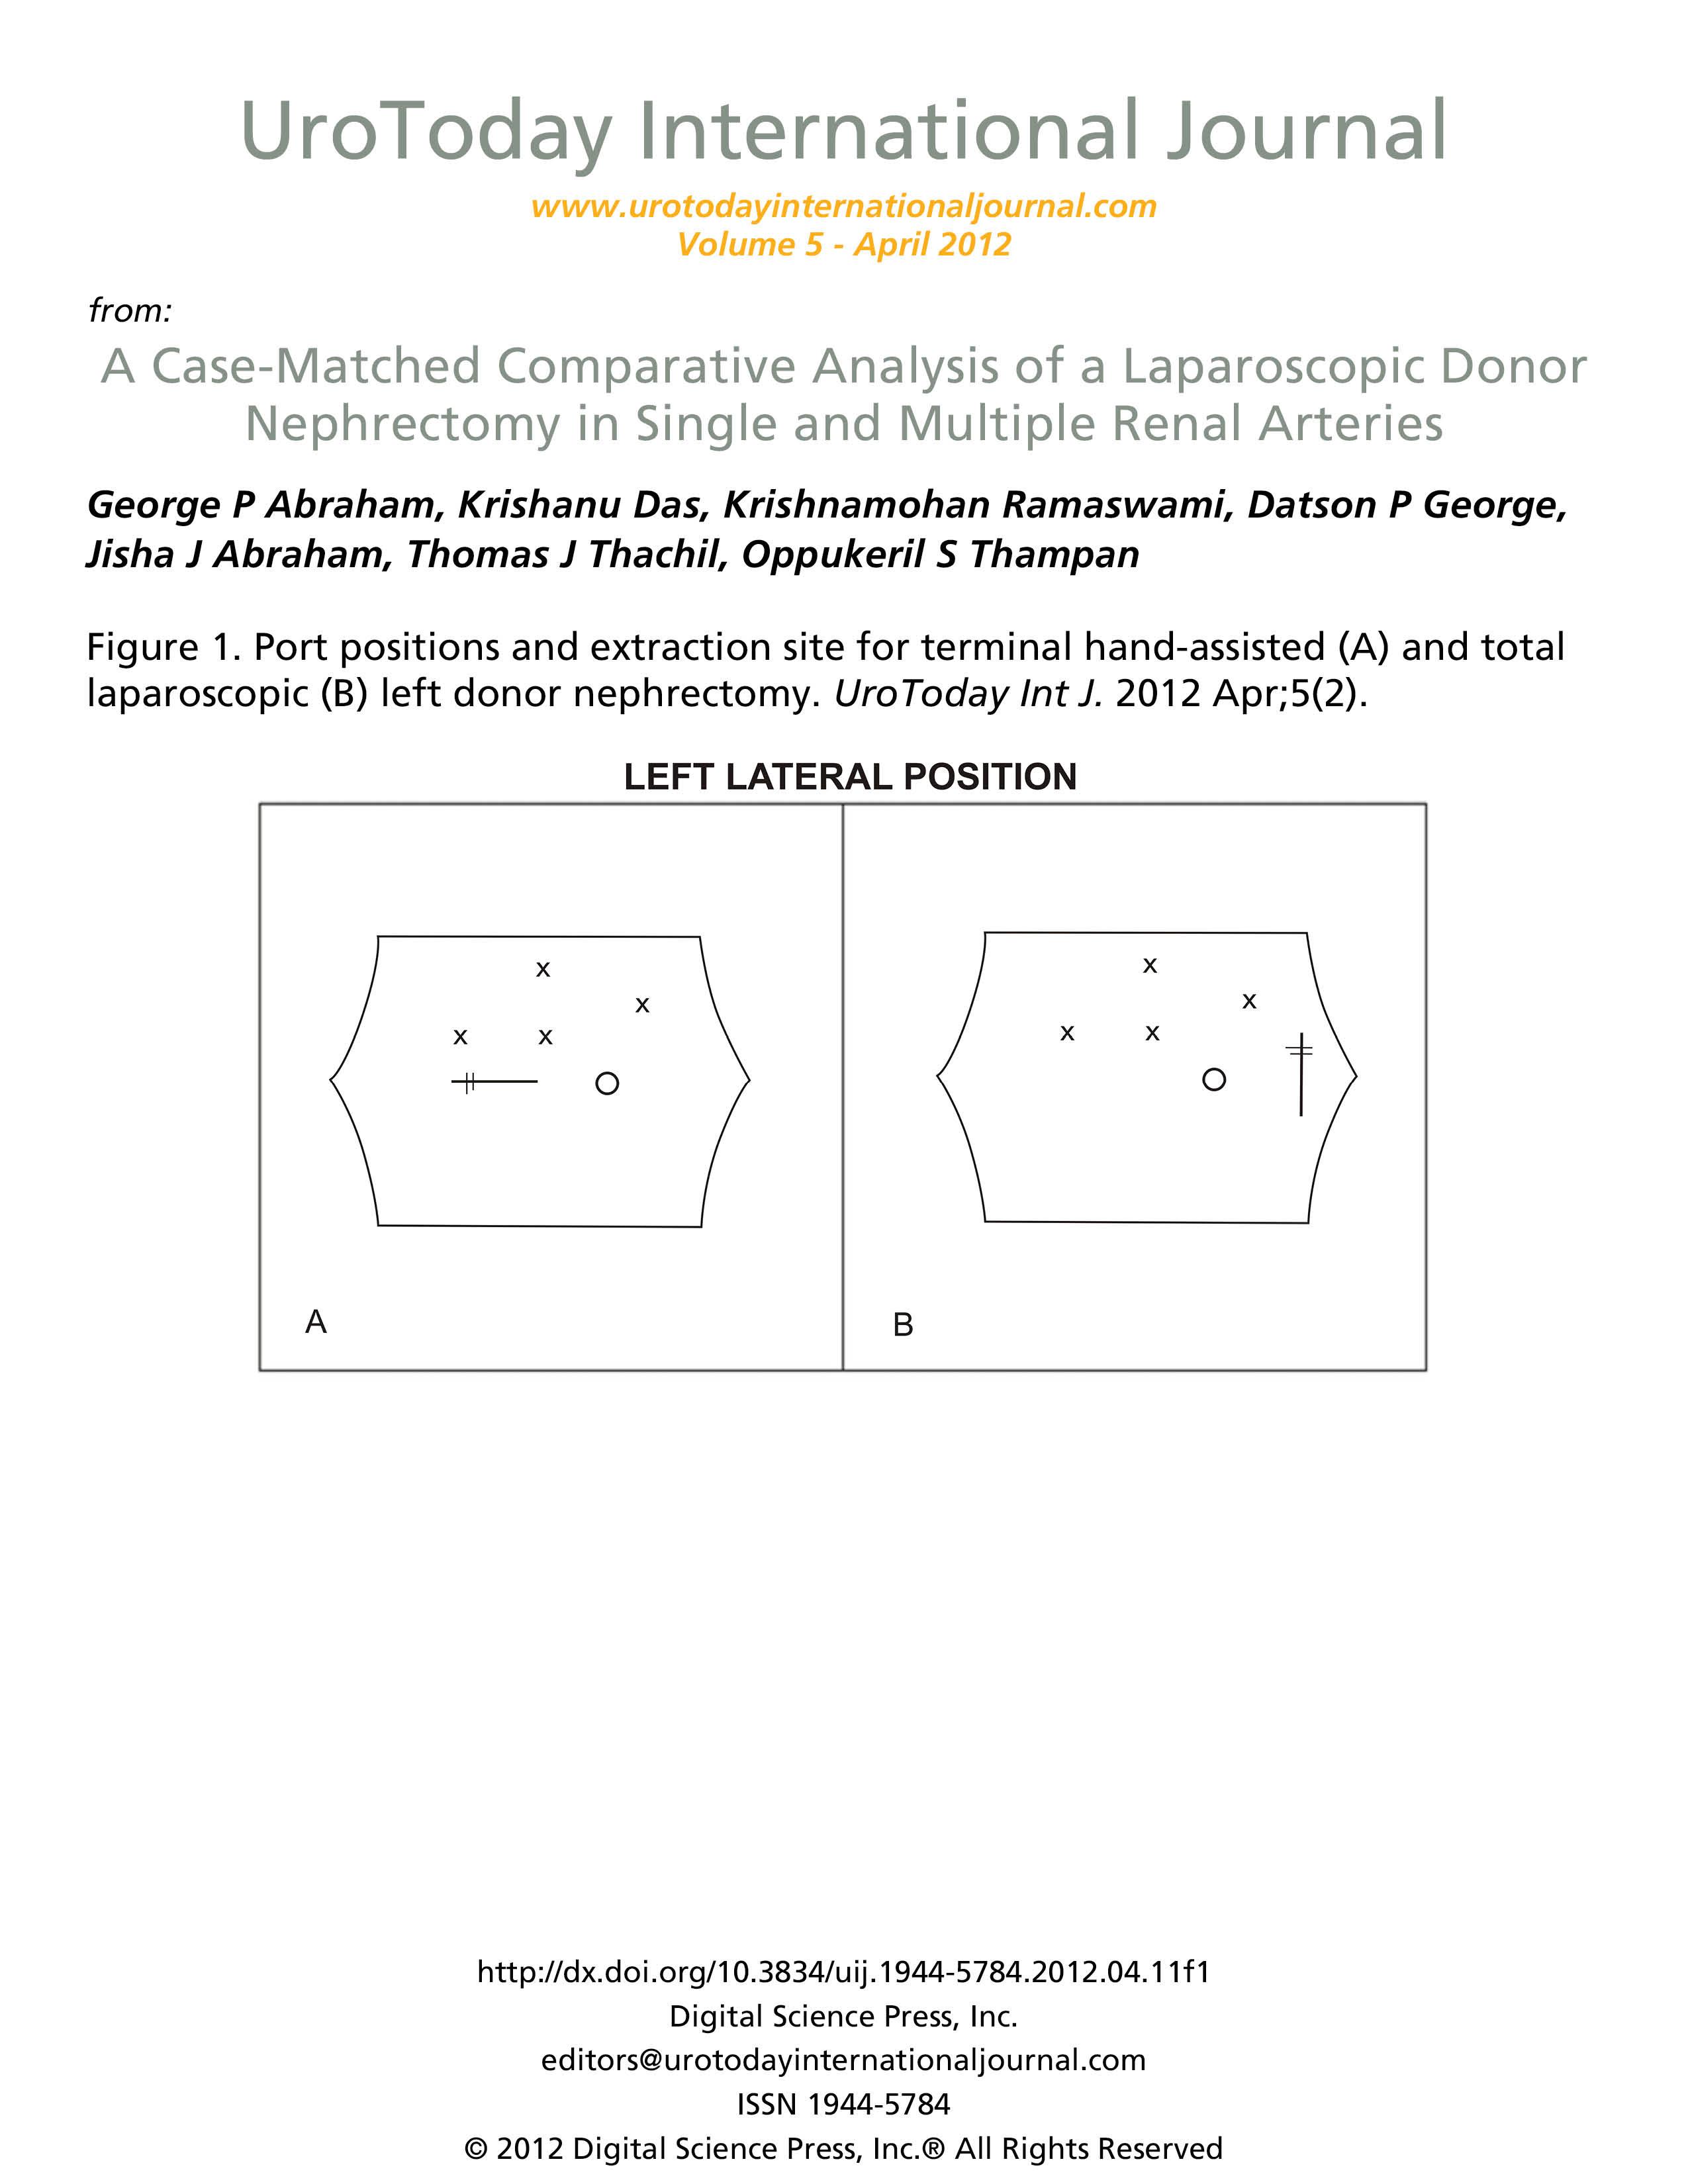 Renal Artery Doppler Ultrasound Worksheet